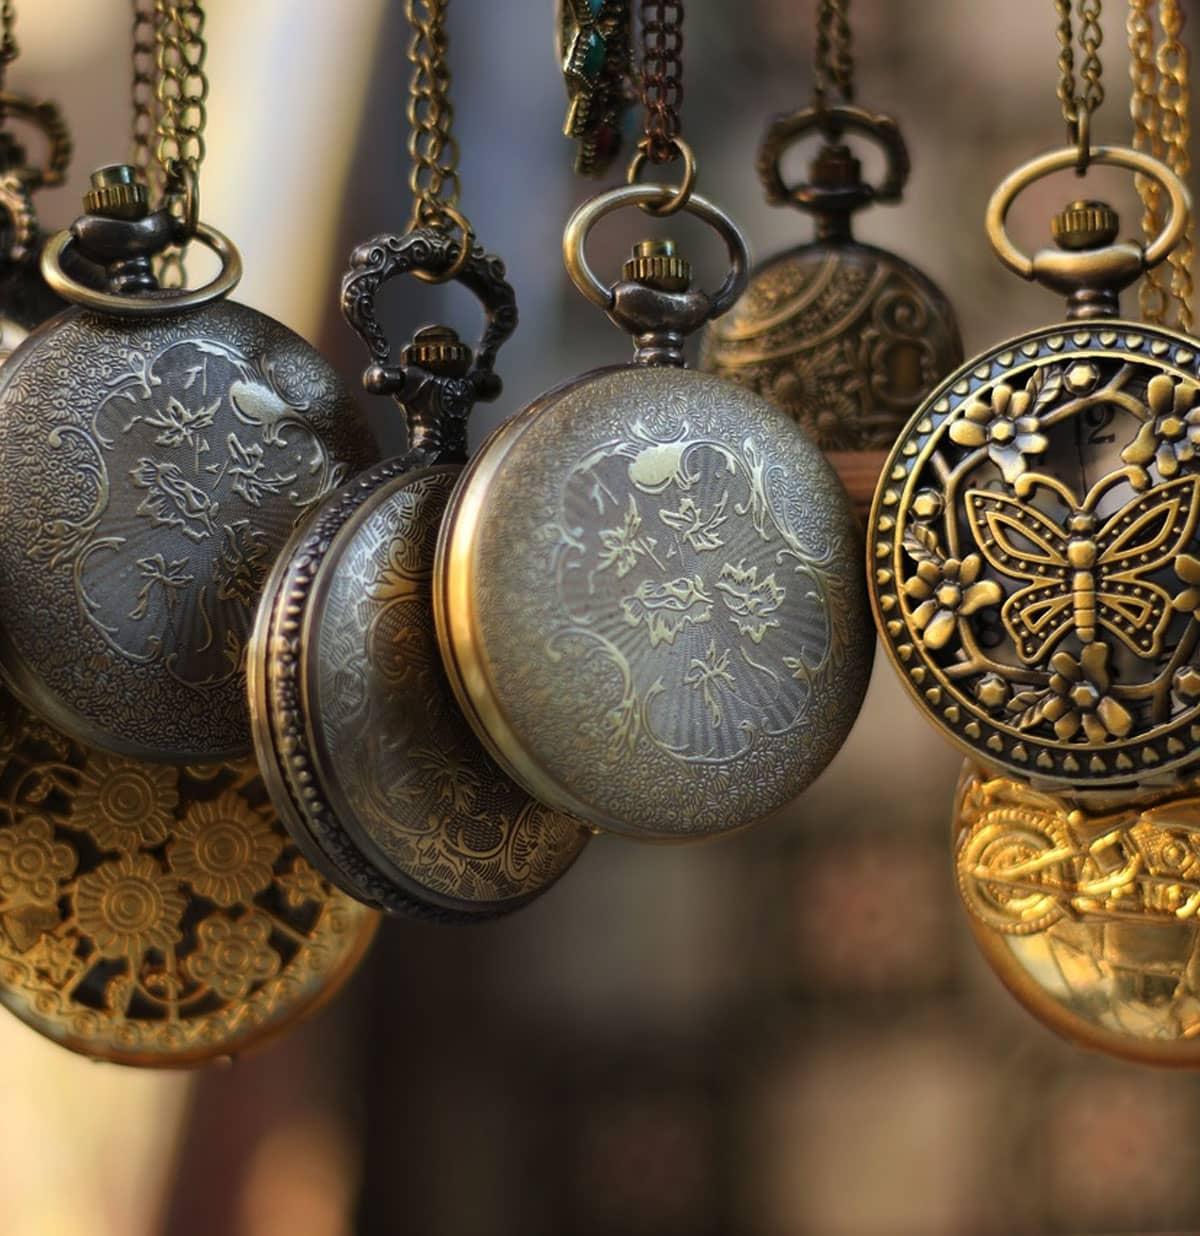 garde temps - La montre à gousset : pour un look toujours plus vintage !